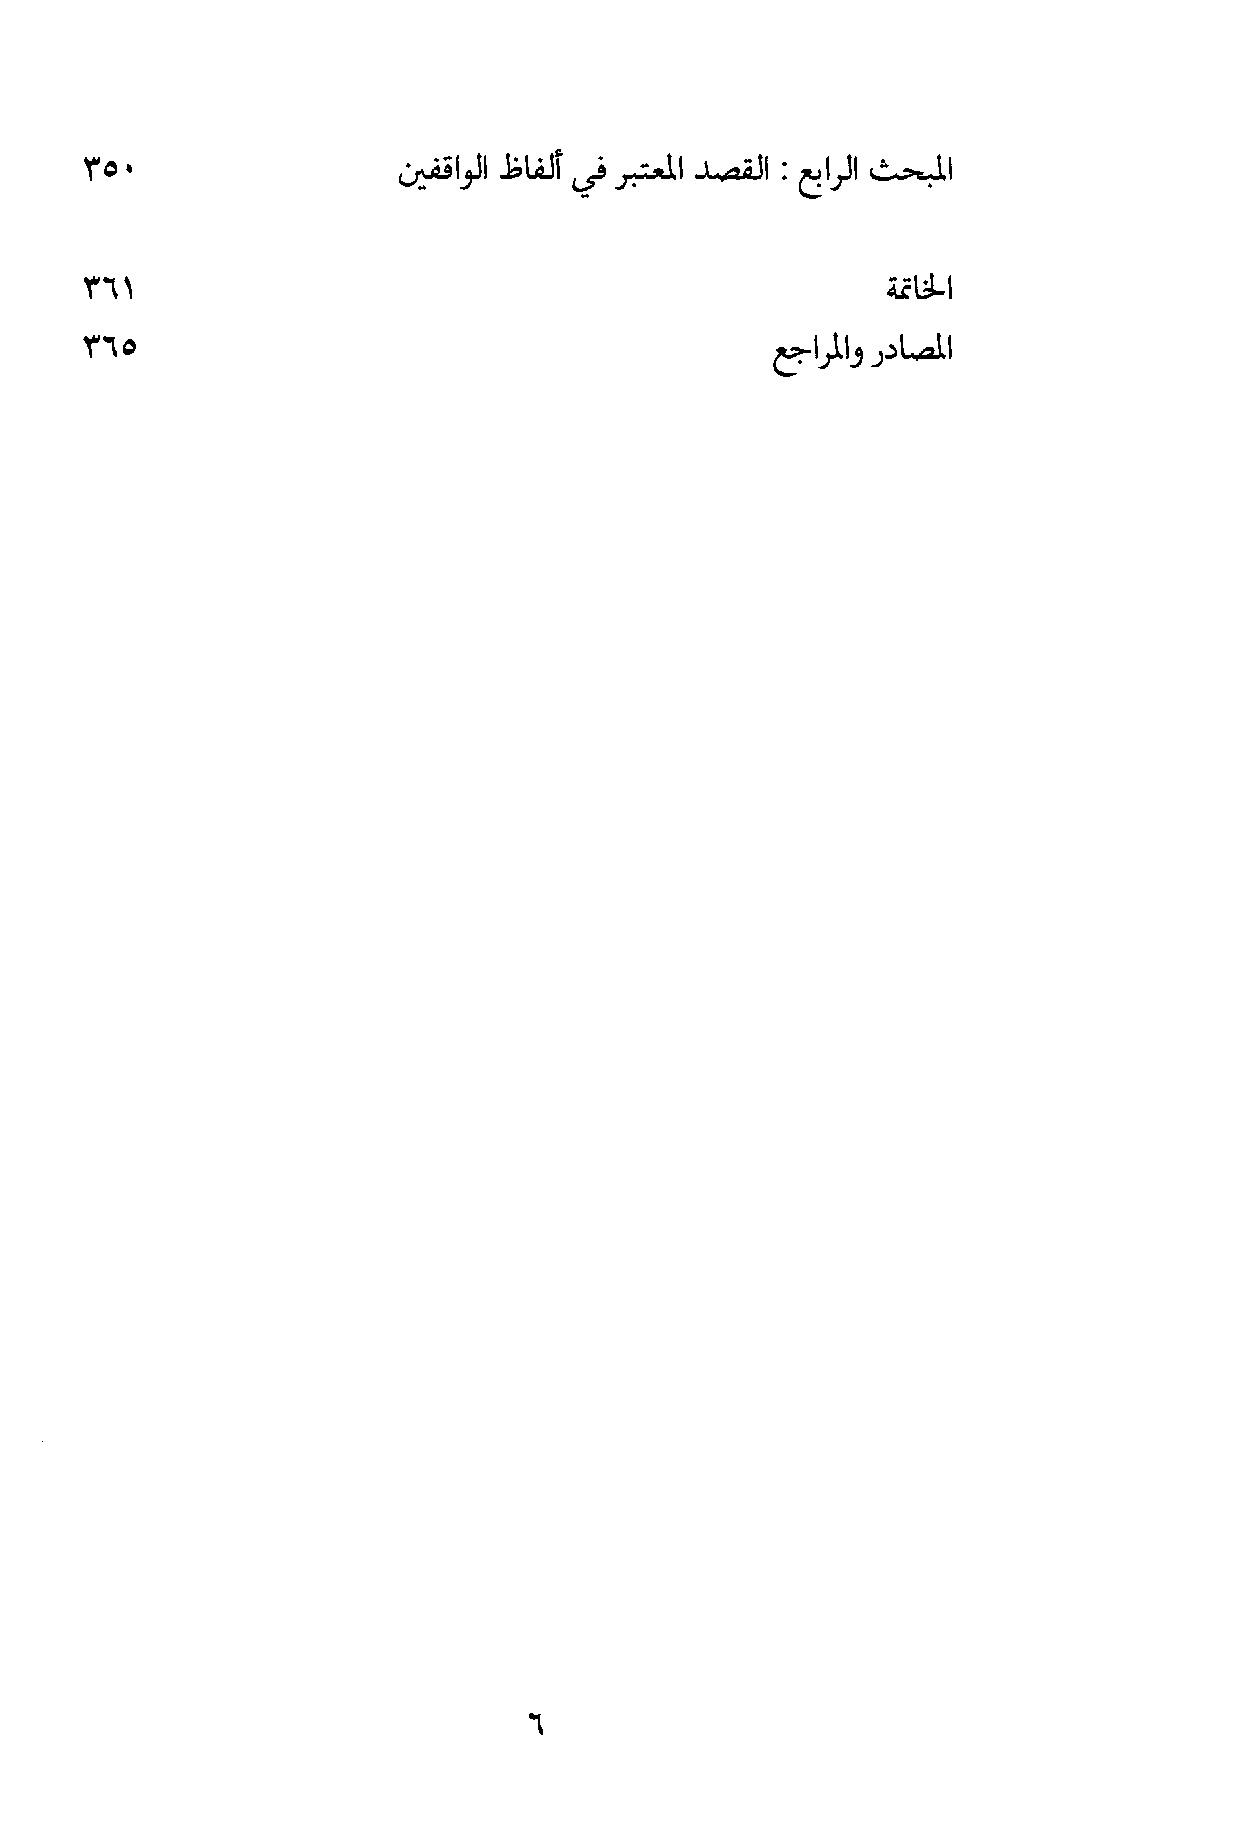 ص 6 محتويات كتاب مقاصد اللغة